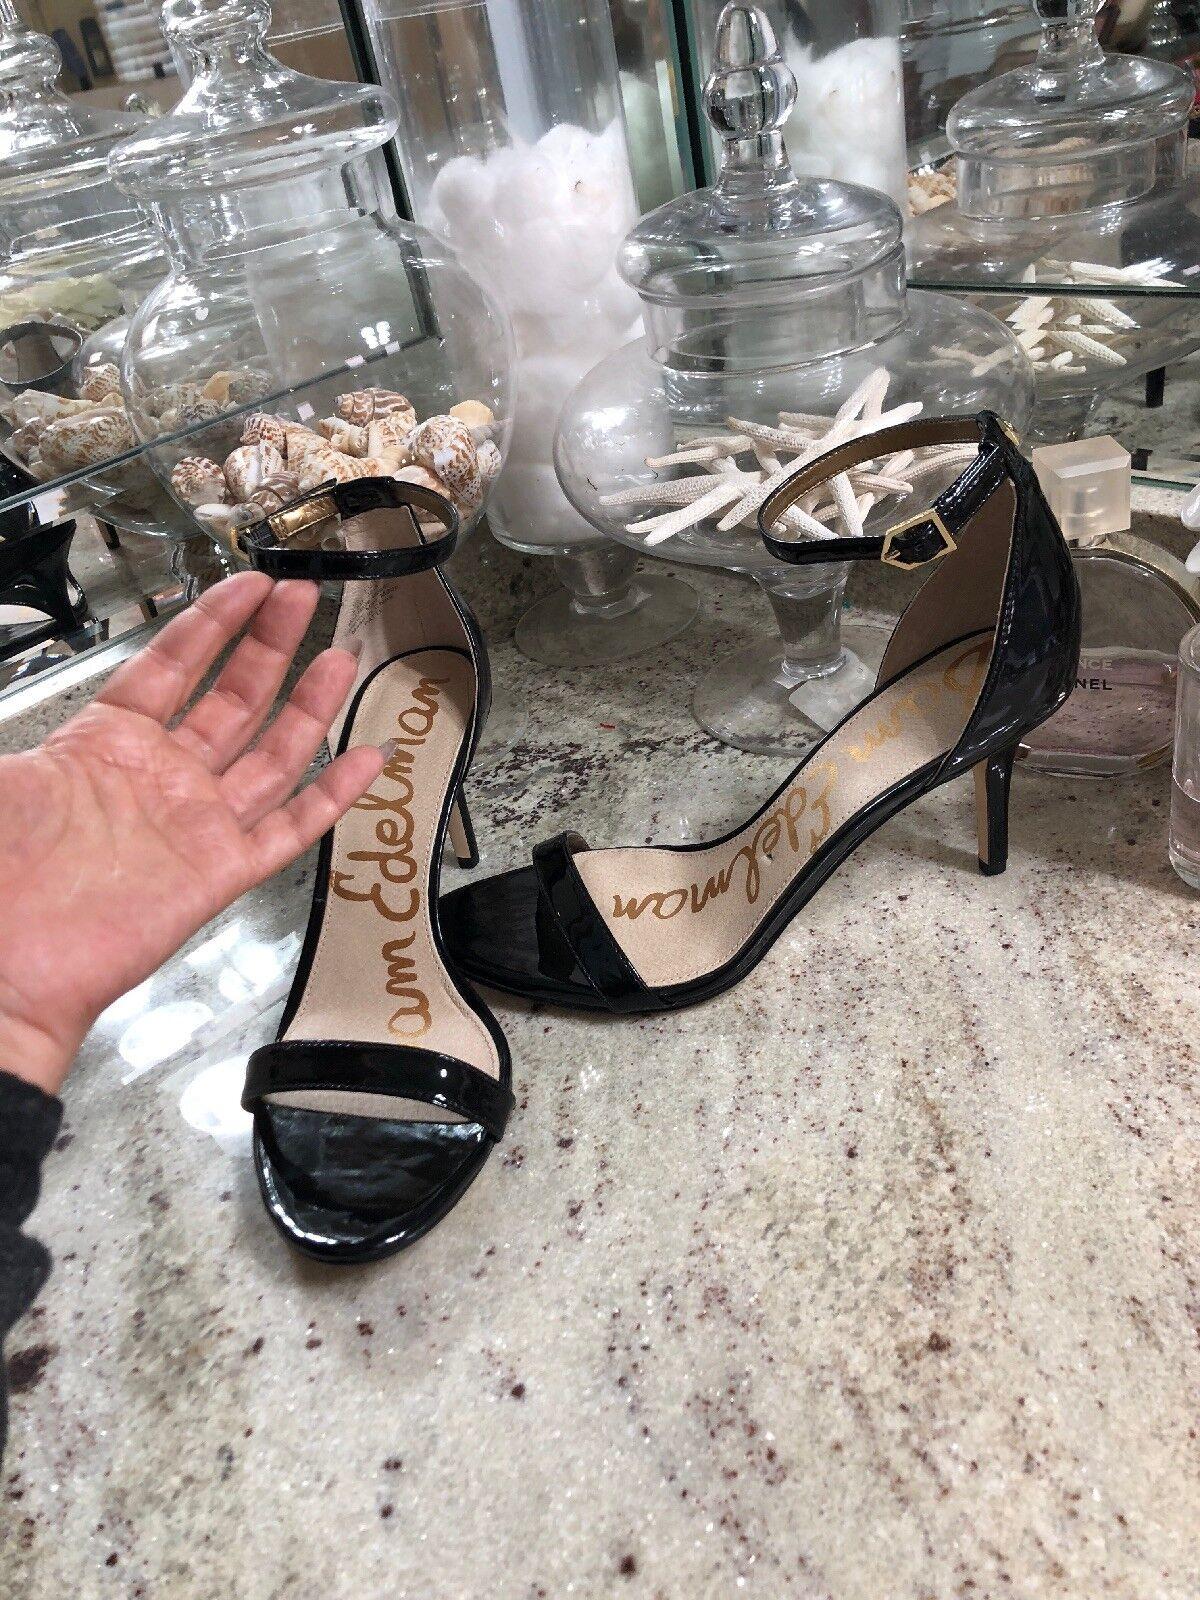 Sam Edelman Patti Strappy Sandal Heel - Women's Size 8.5 Black